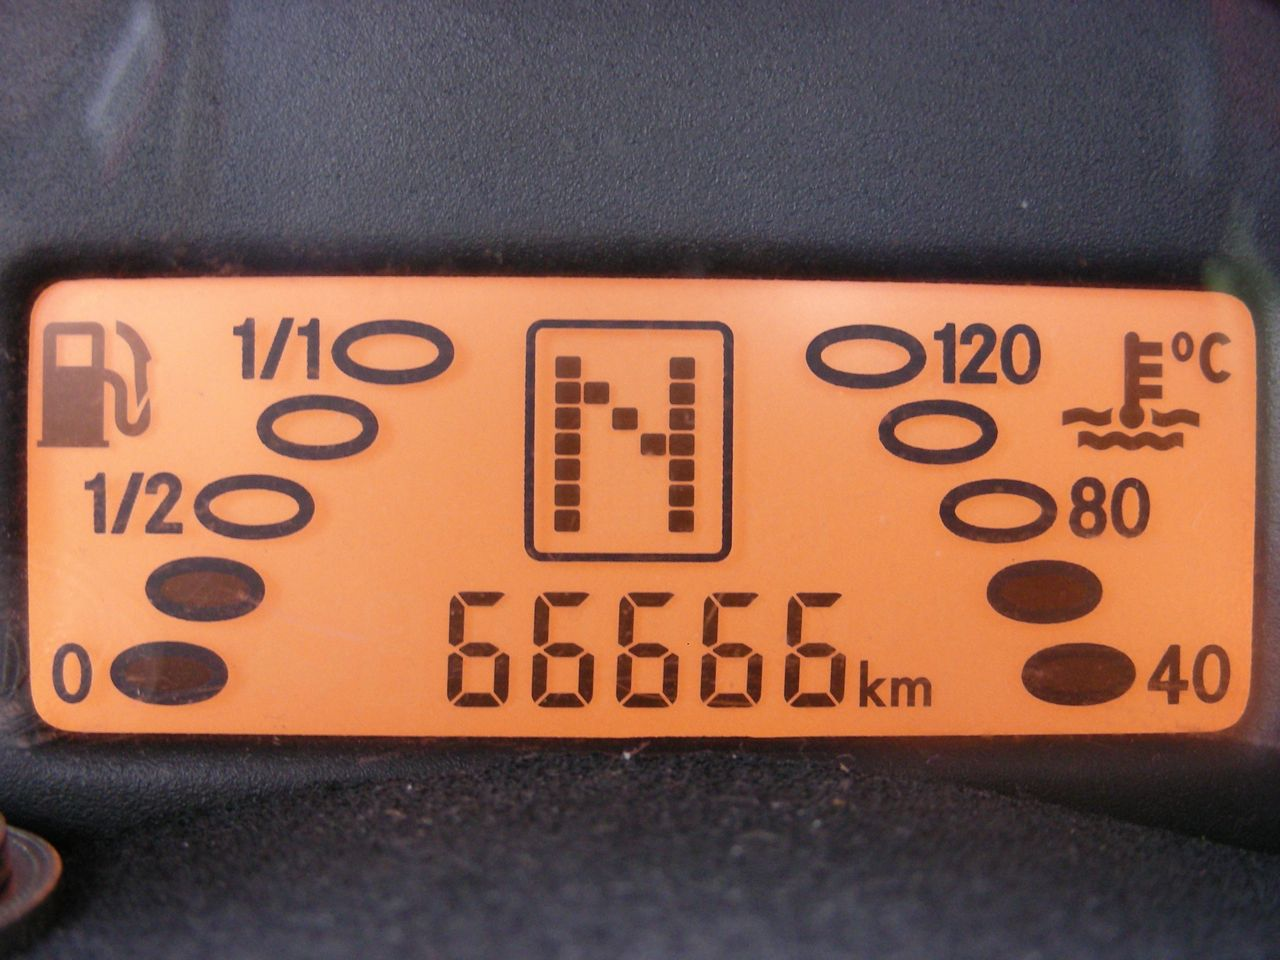 66666キロ